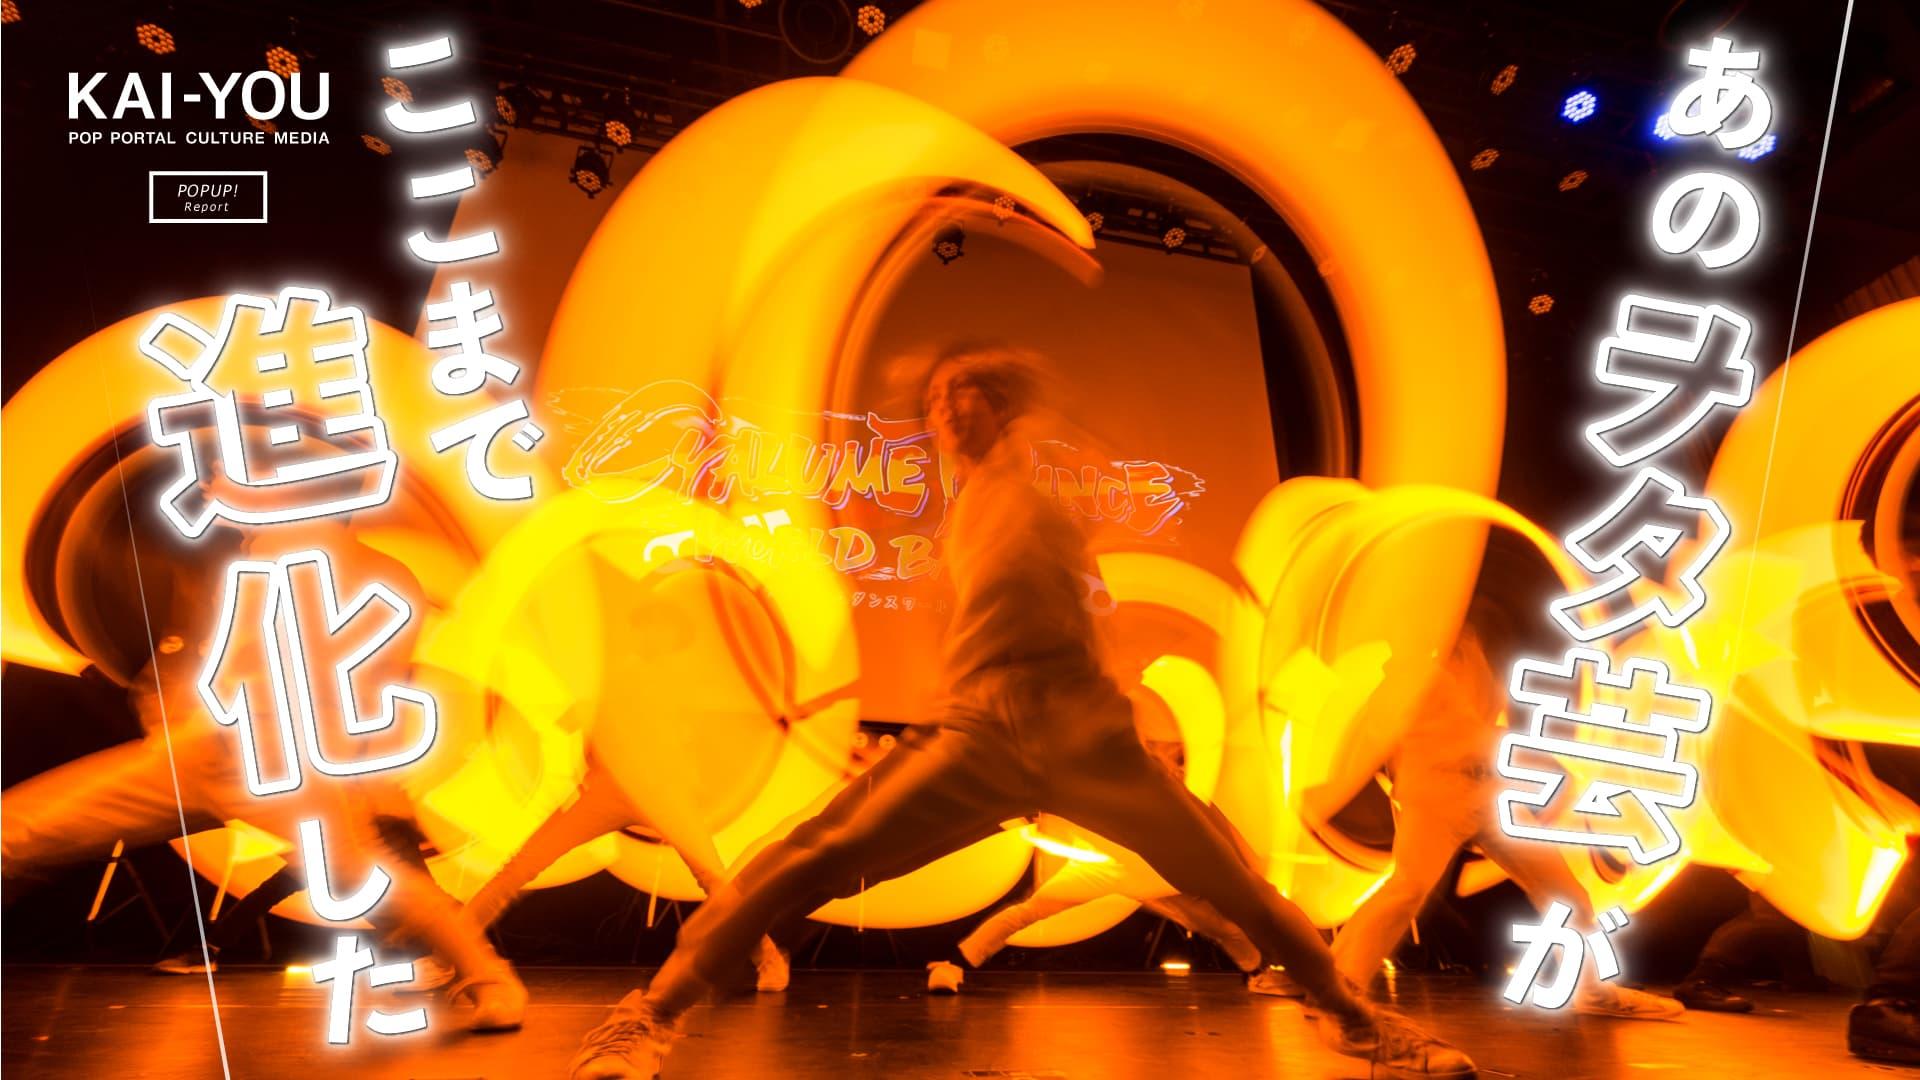 ヲタ芸新時代! サイリウムダンス世界大会で吹き荒れたアジアからの新風